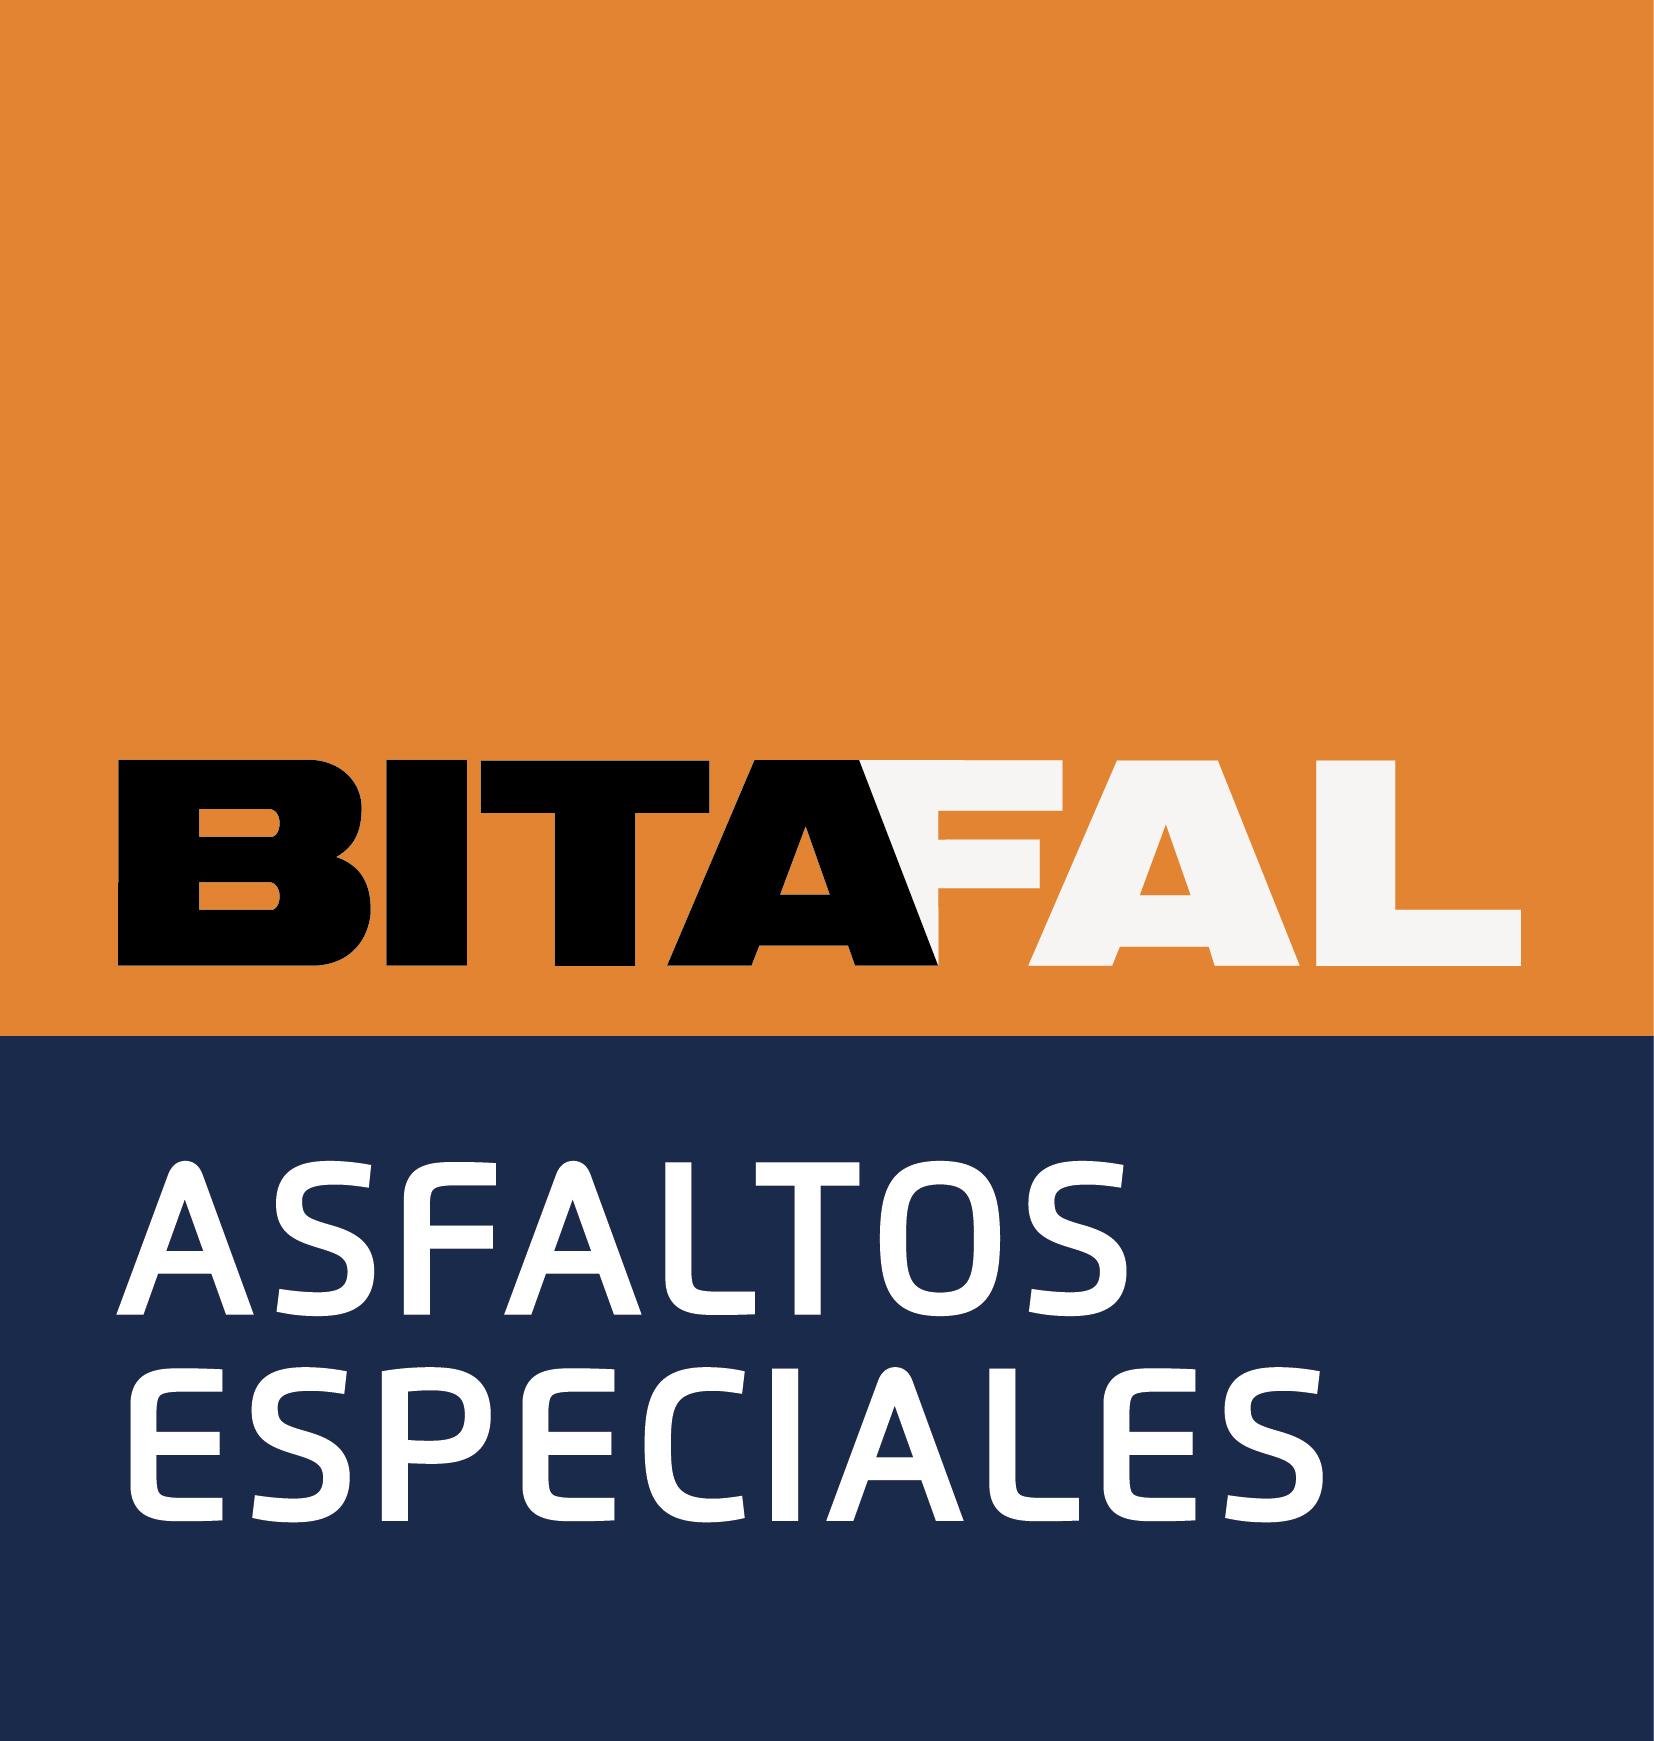 bitafal_asfaltos_especiales-01